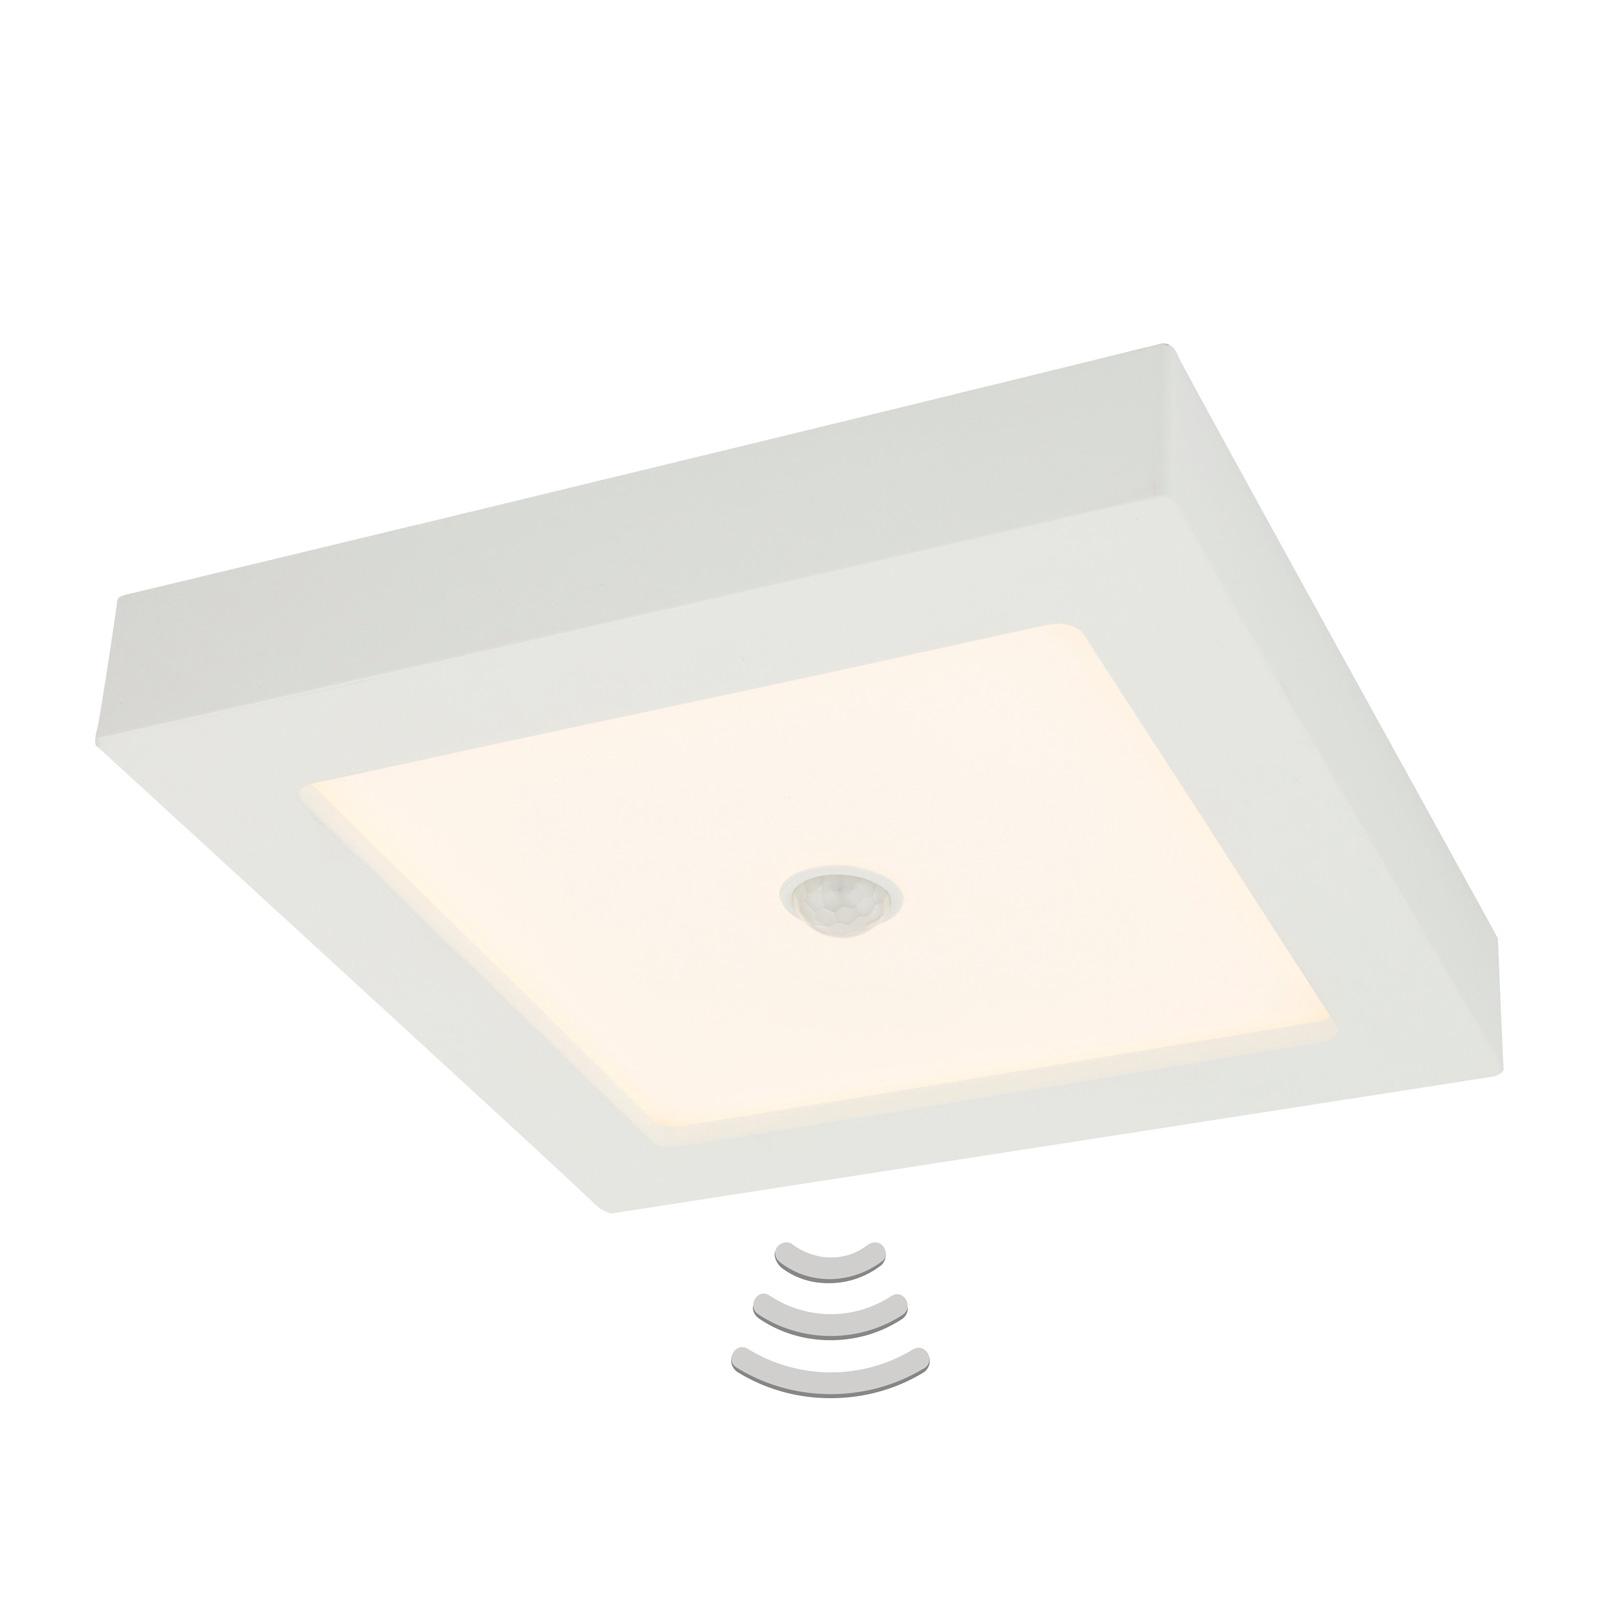 LED-Deckenleuchte Svenja 18 W mit Bewegungsmelder